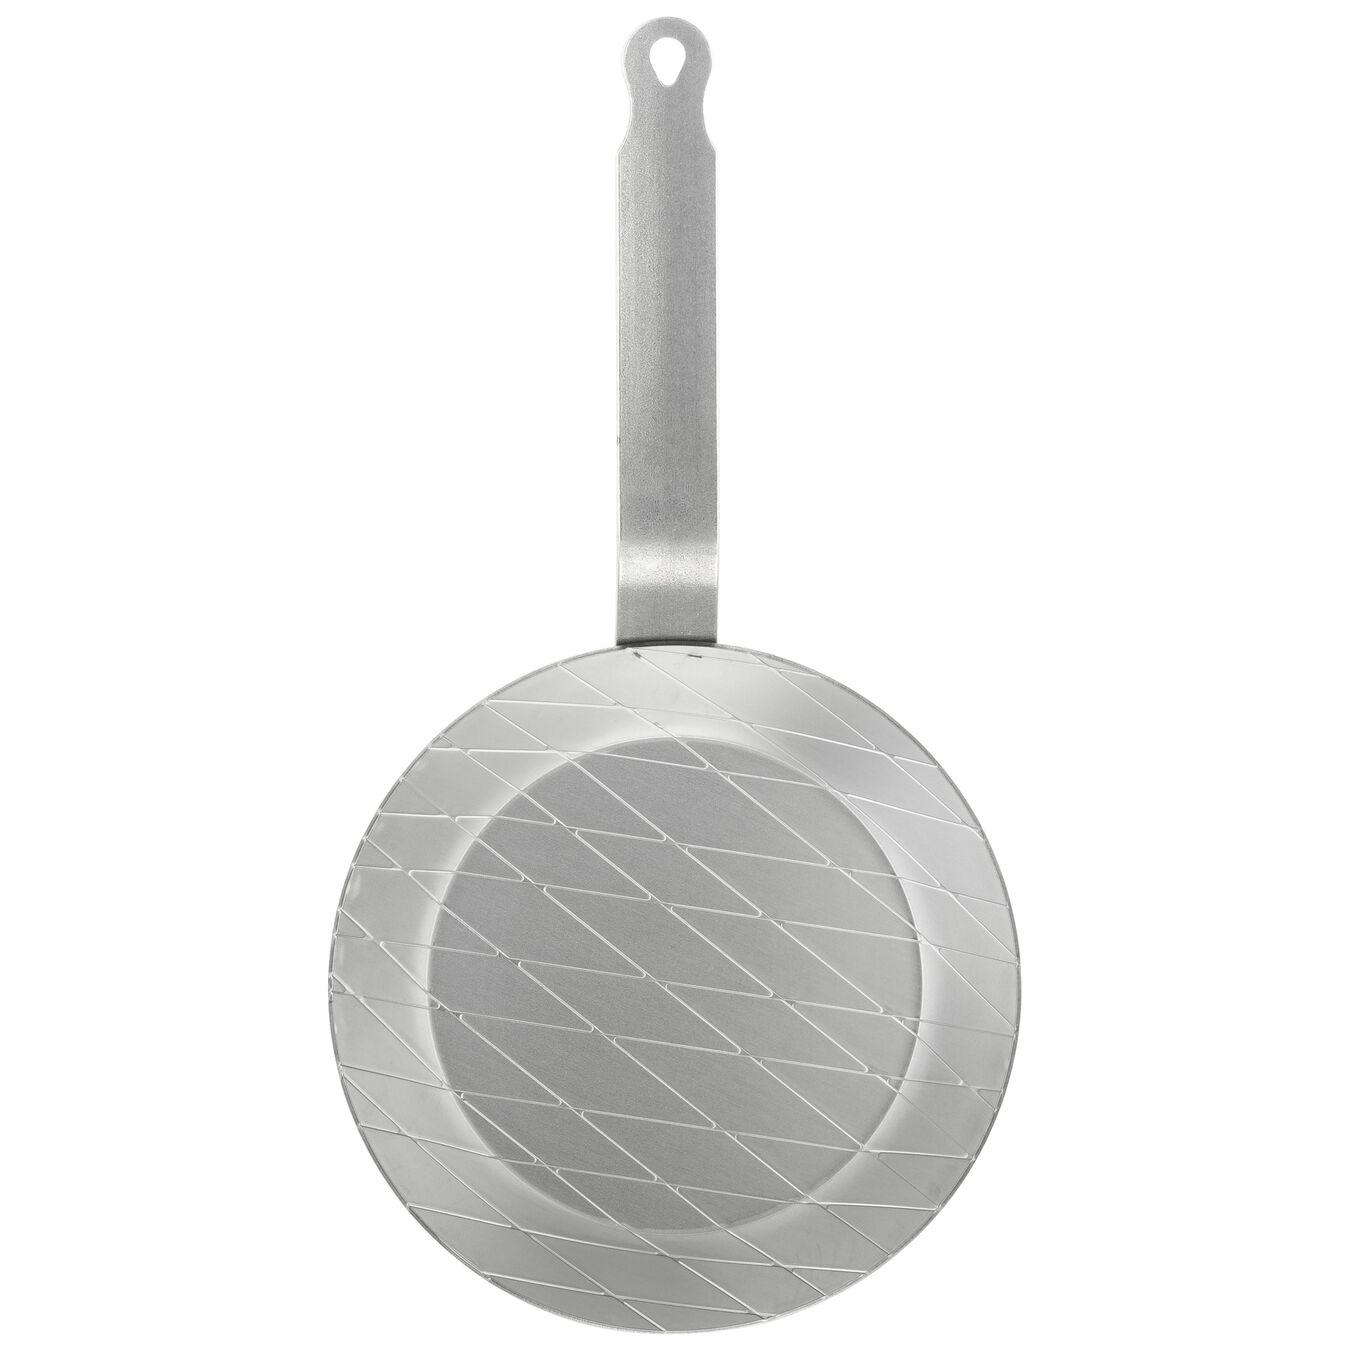 Padella - 20 cm, acciaio al carbonio,,large 4